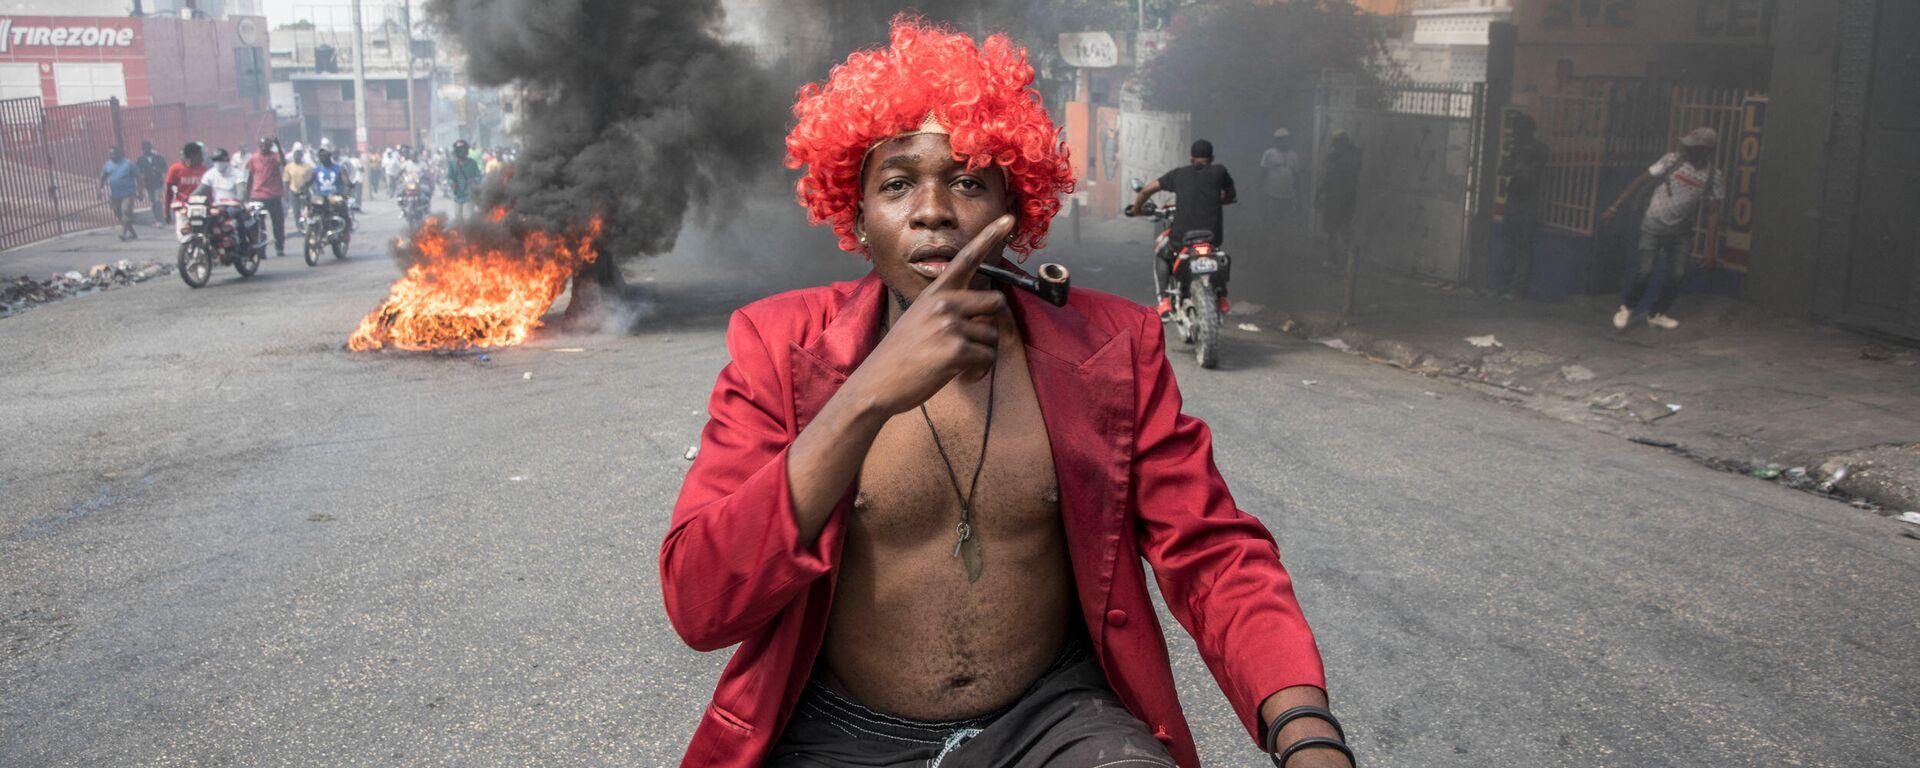 Protestas Haití - Sputnik Mundo, 1920, 07.07.2021